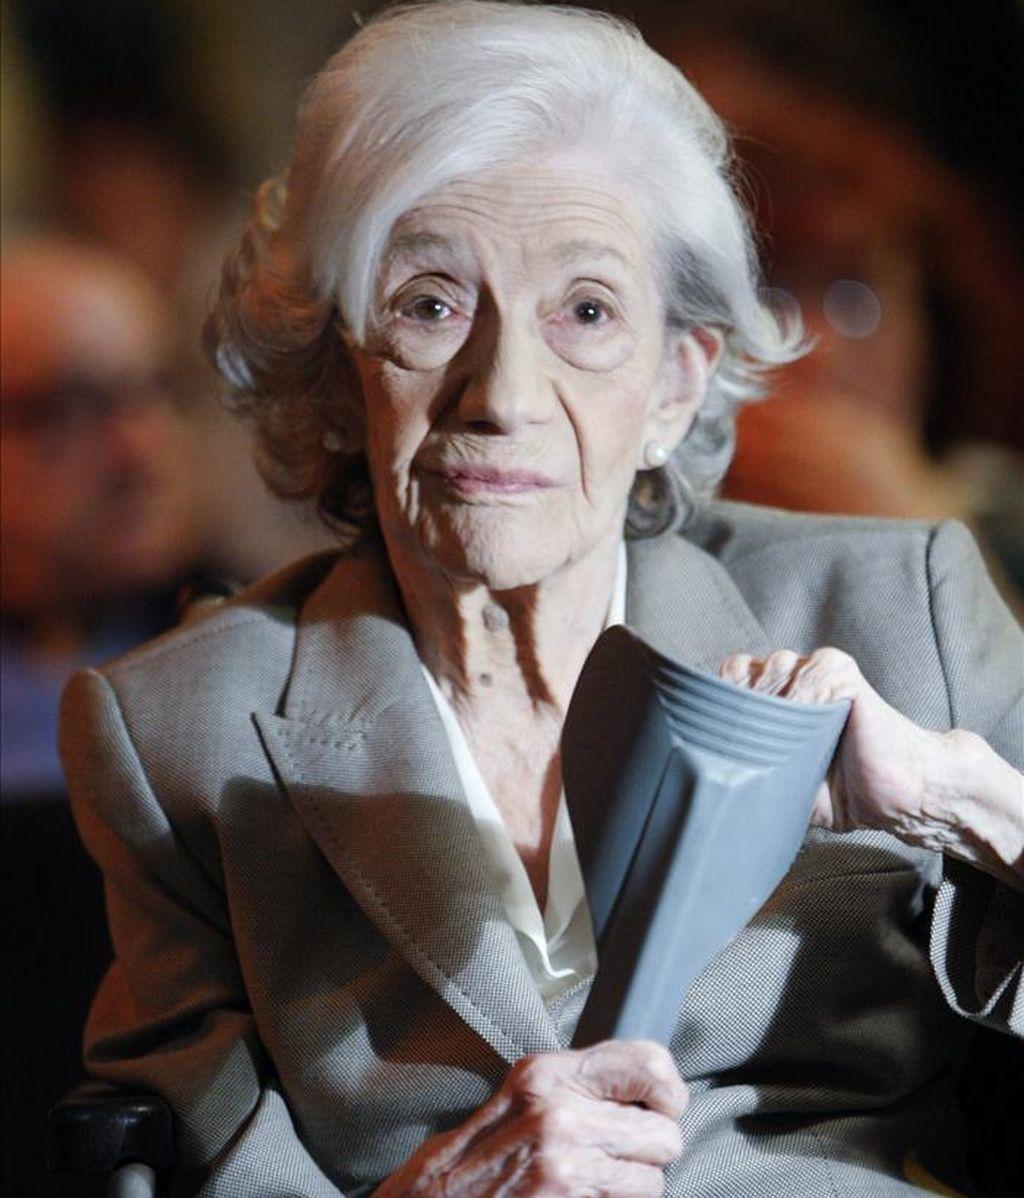 La escritora y Premio Cervantes Ana María Matute en el Círculo de Bellas Artes, en Madrid, donde esta tarde participan en la lectura de El Quijote tras haber recibido el Premio Cervantes esta mañana en Alcalá de Henares. EFE